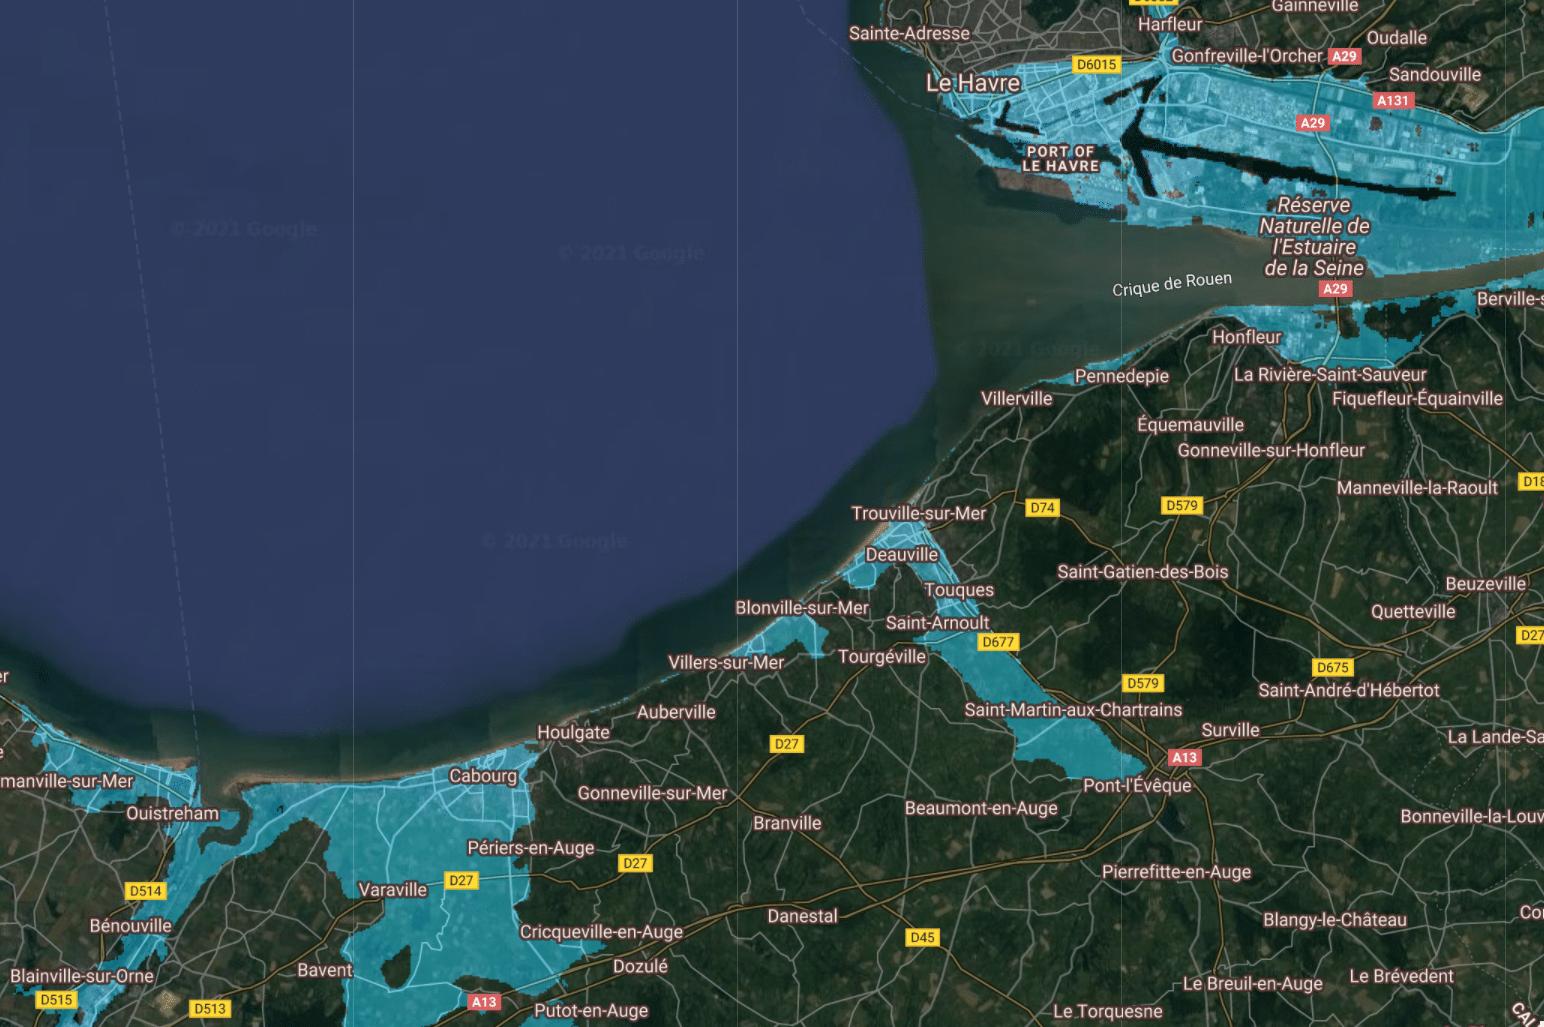 montée niveau de la mer france deauville 3m